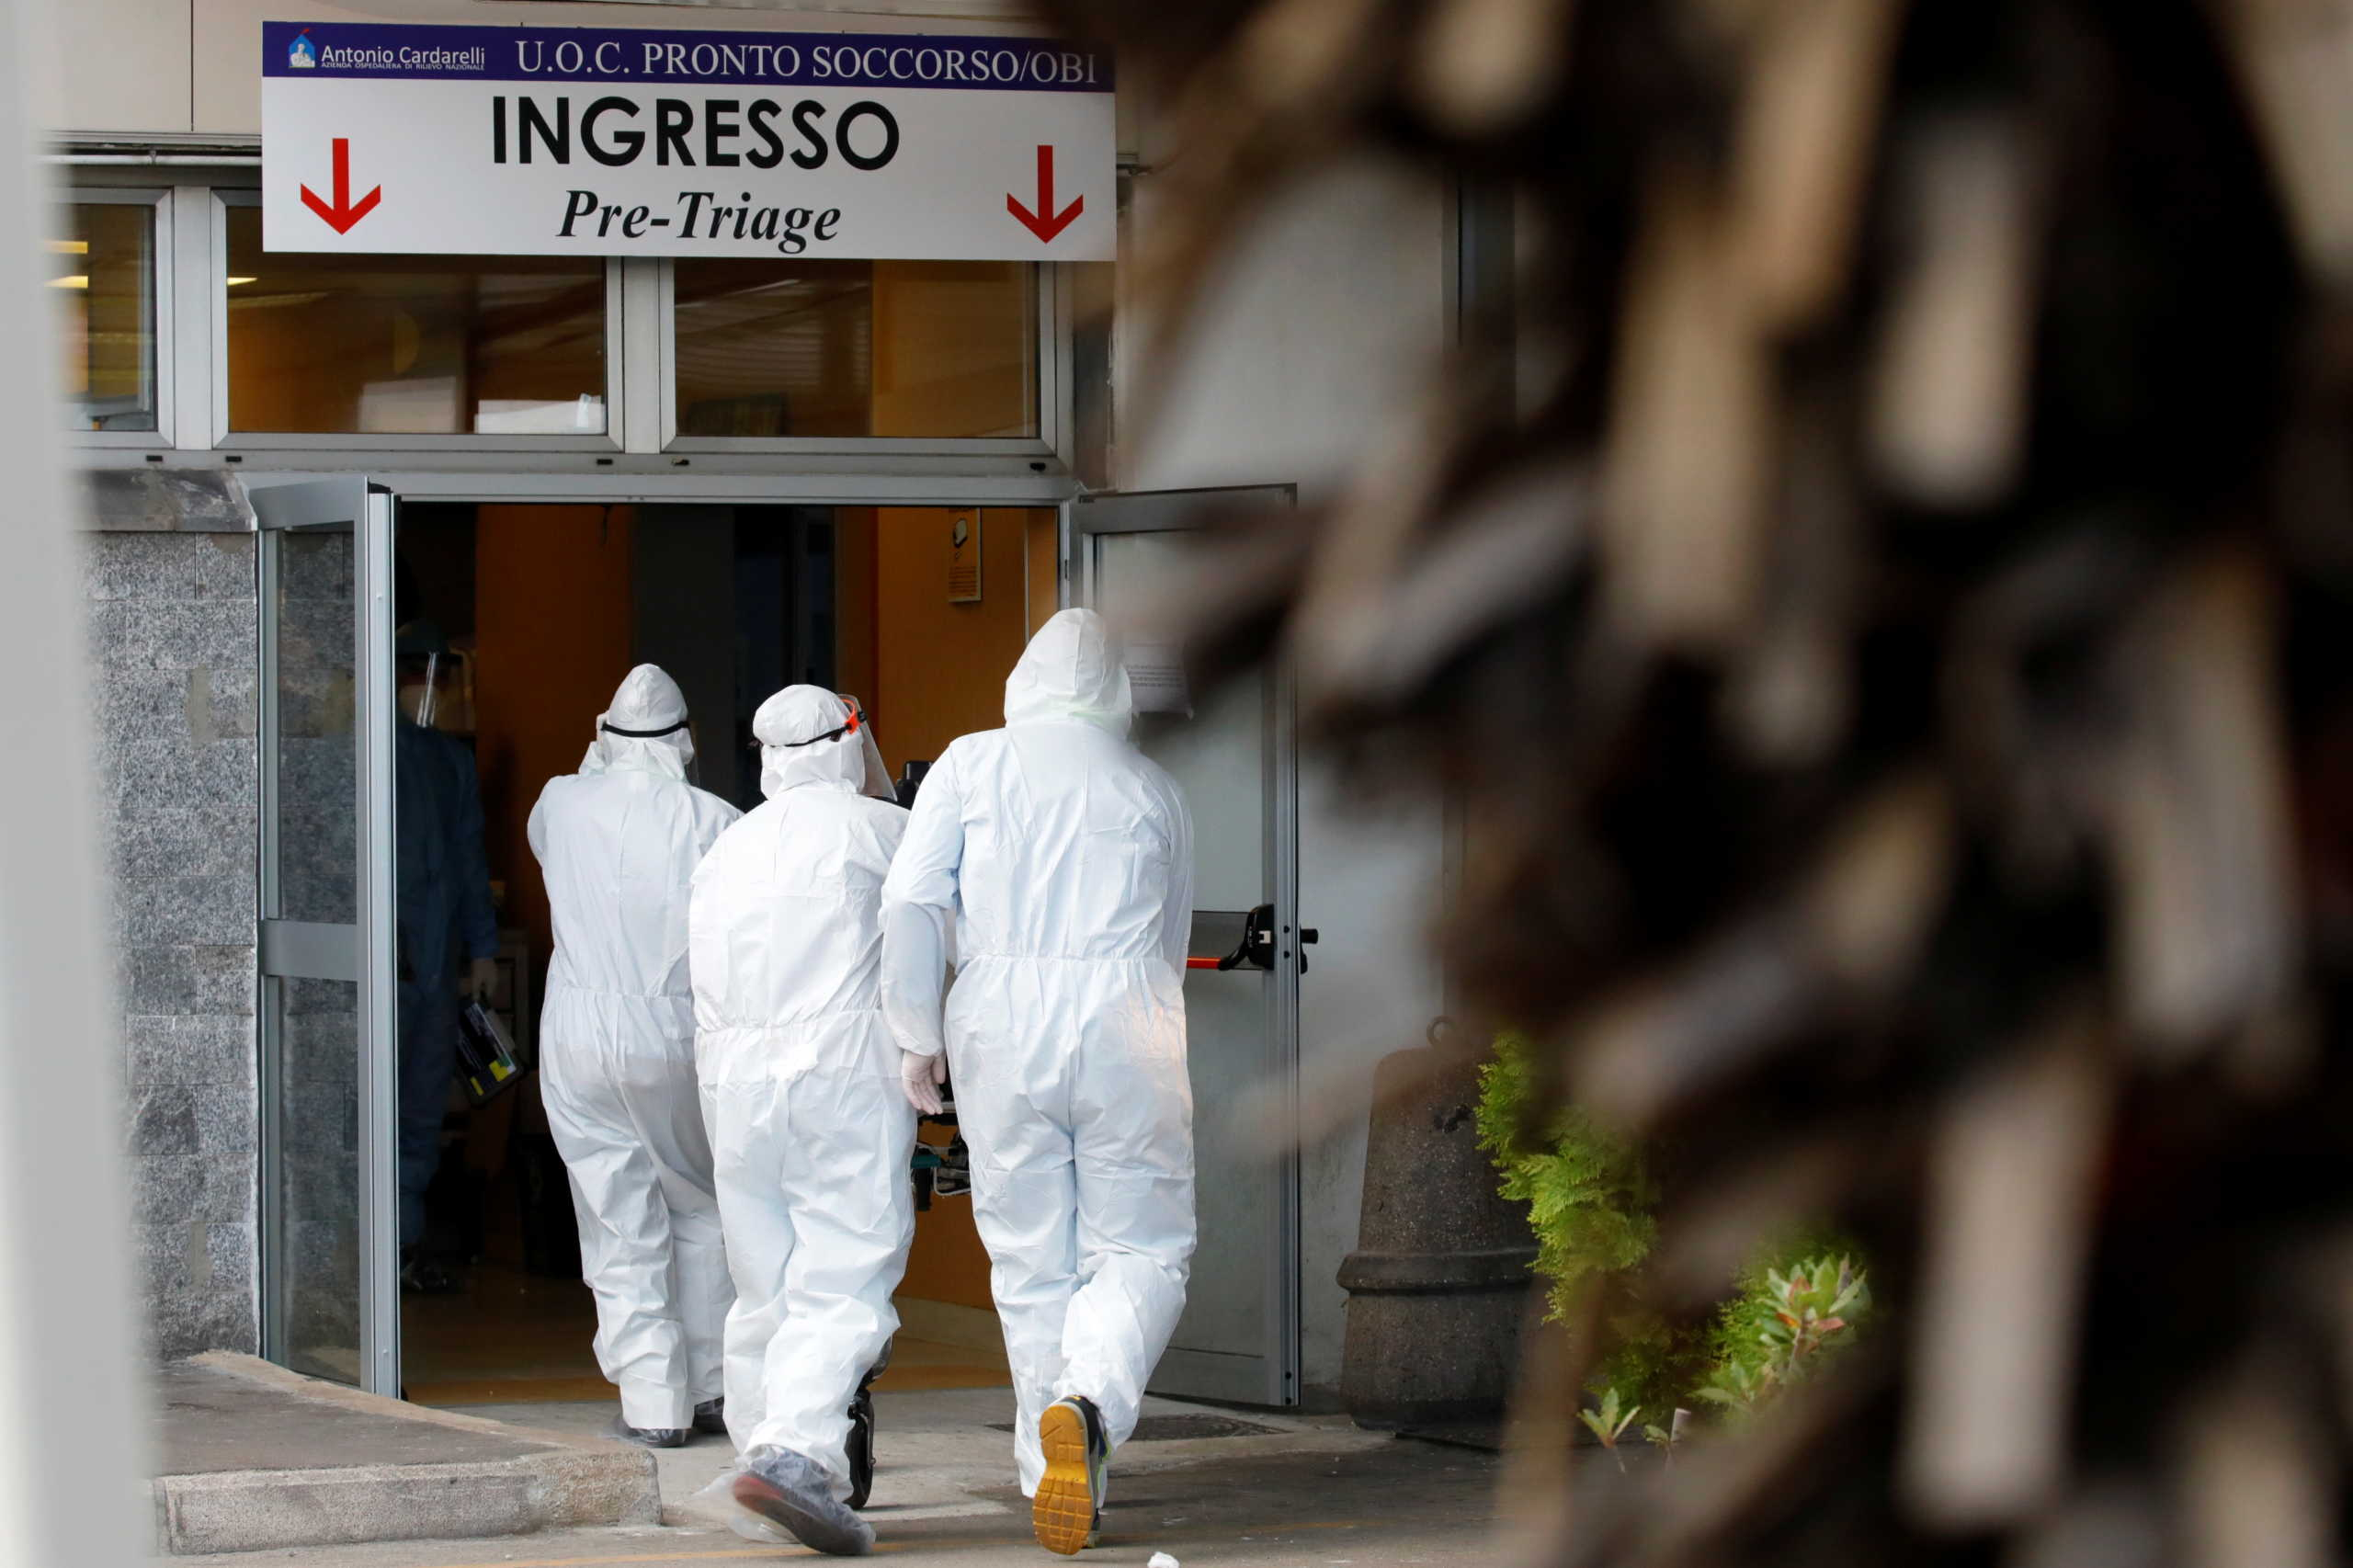 Ιταλία – κορονοϊός: Οι γιατροί εκλιπαρούν την κυβέρνηση να μην χαλαρώσει τα μέτρα